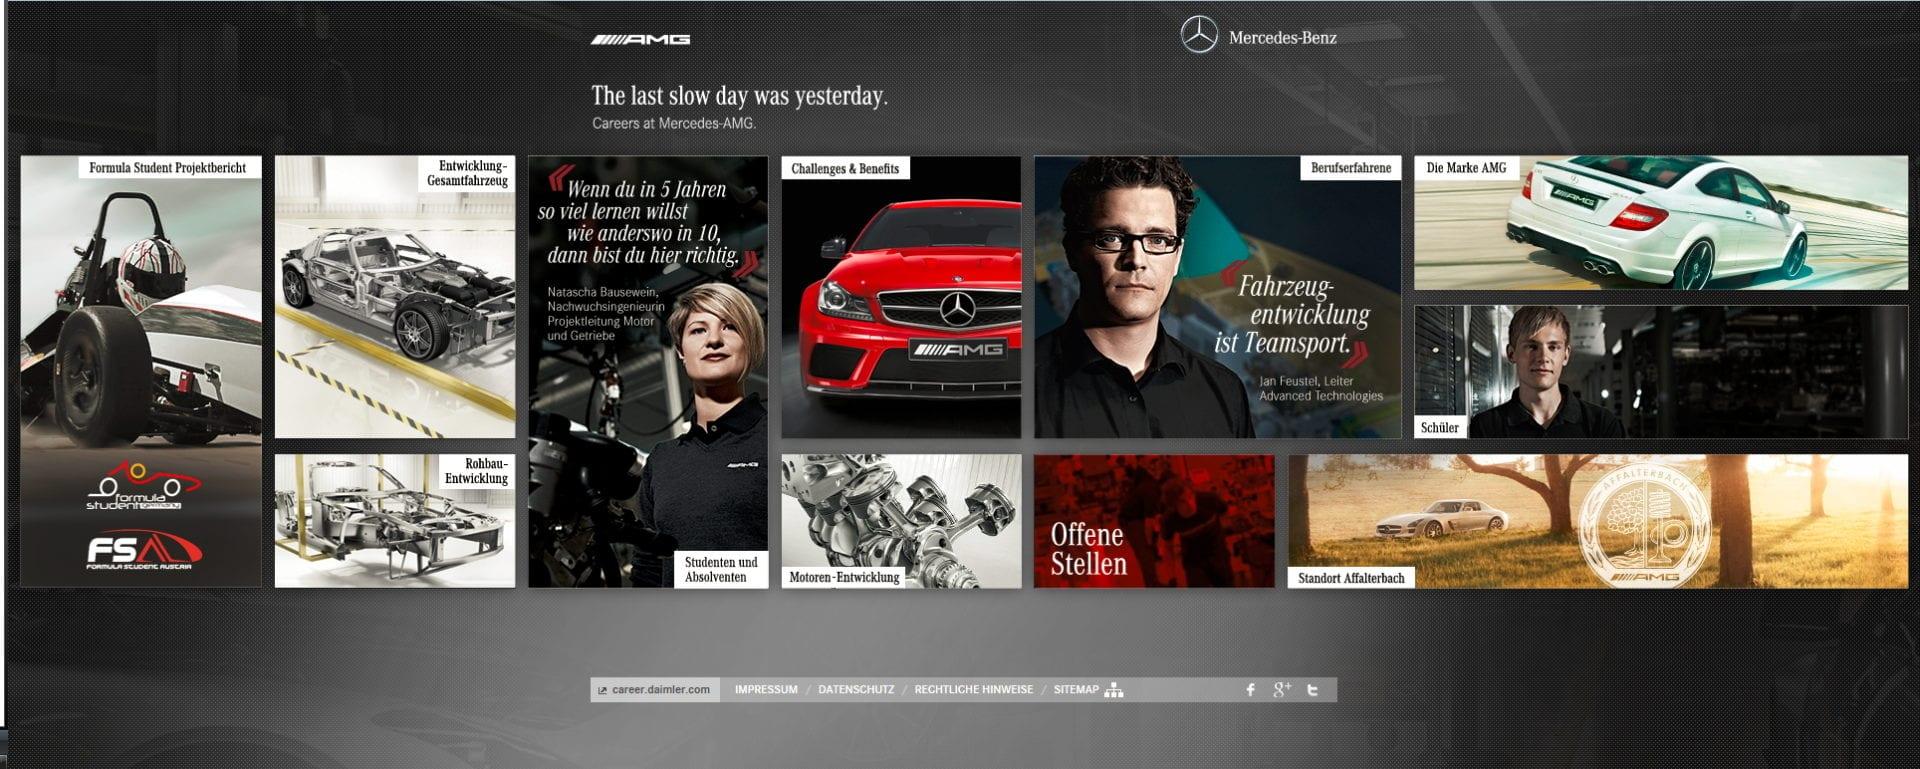 die neue karriere-website von mercedes amg. omg!